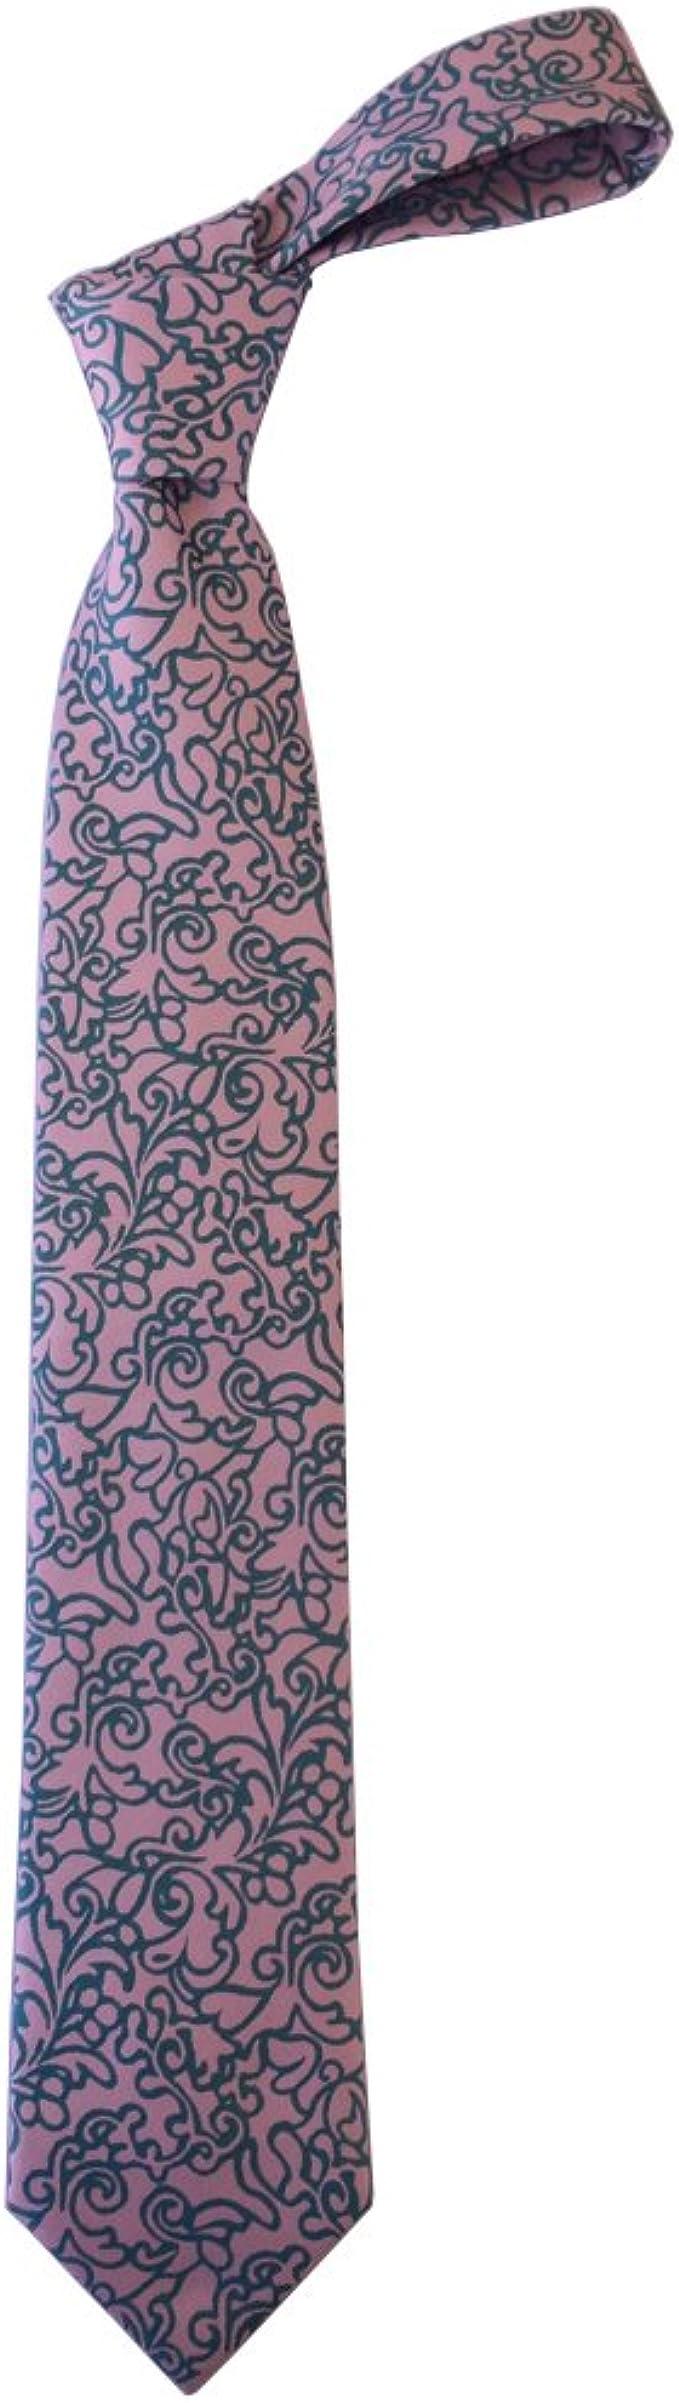 Corbata seda hombre estampado silueta paisley: Amazon.es: Ropa y ...